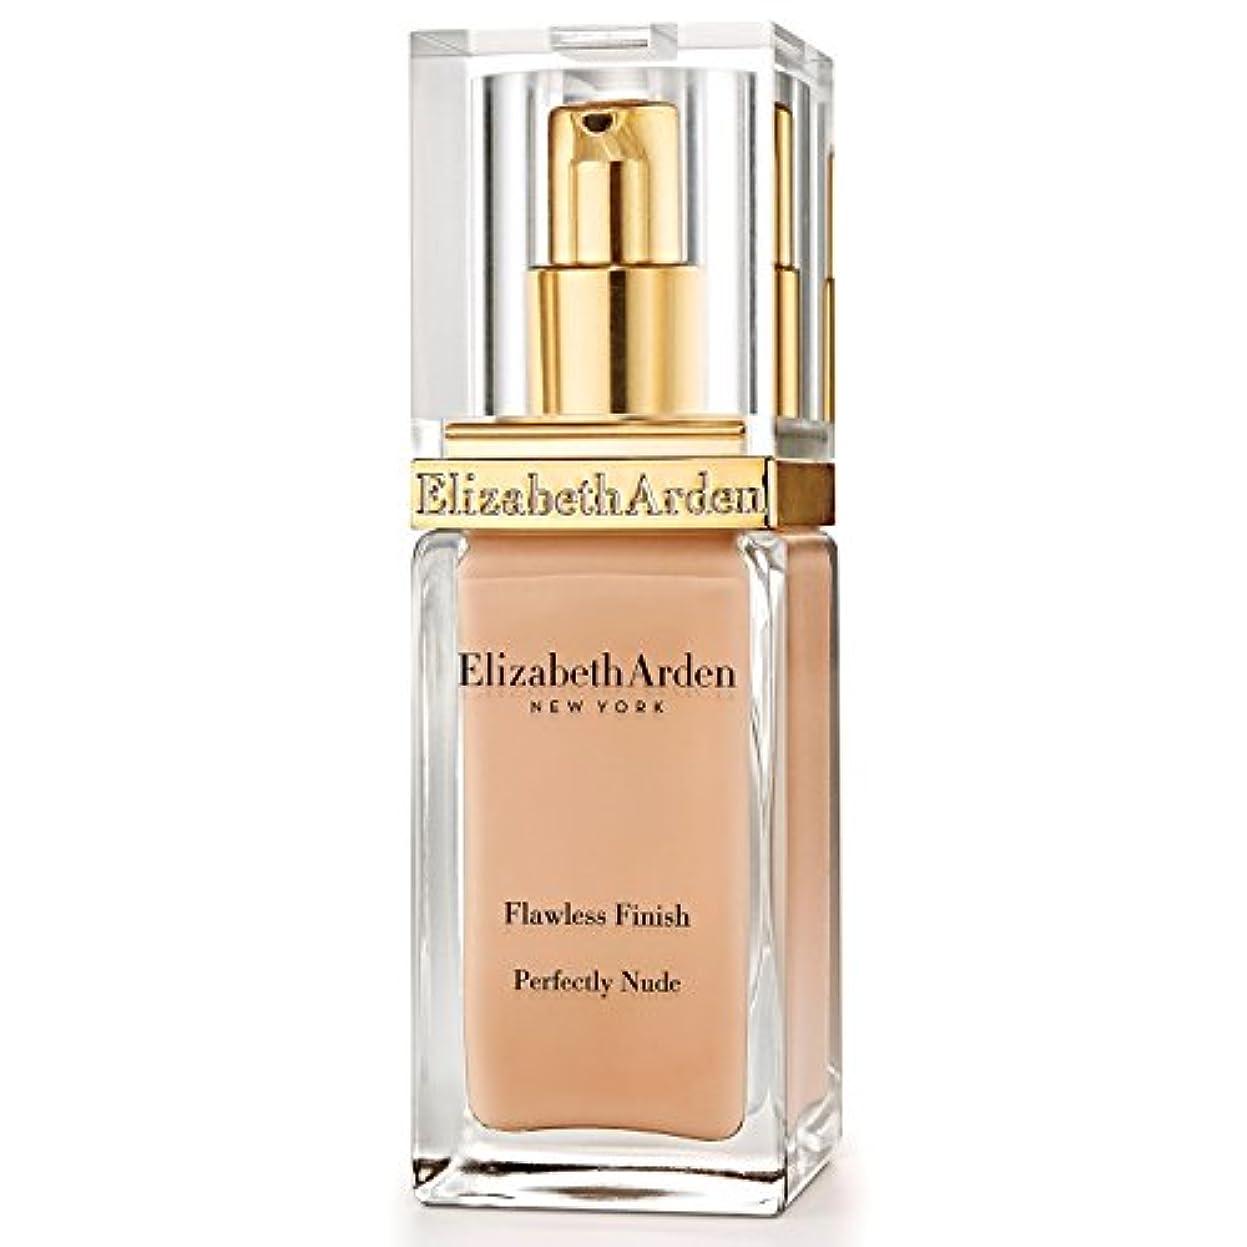 カートン苦超えるElizabeth Arden Flawless Finish Perfectly Nude Foundation SPF 15 Honey Beige (Pack of 6) - エリザベスは、完璧な仕上がり完璧ヌードファンデーション 15ハニーベージュをアーデン x6 [並行輸入品]